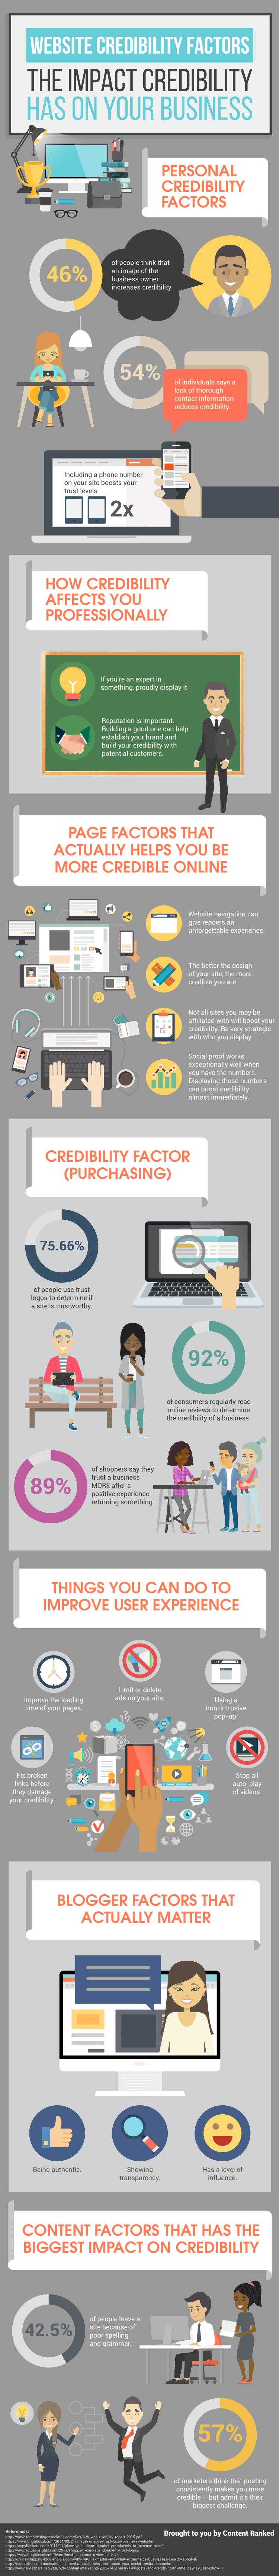 website-credibility-factors.png